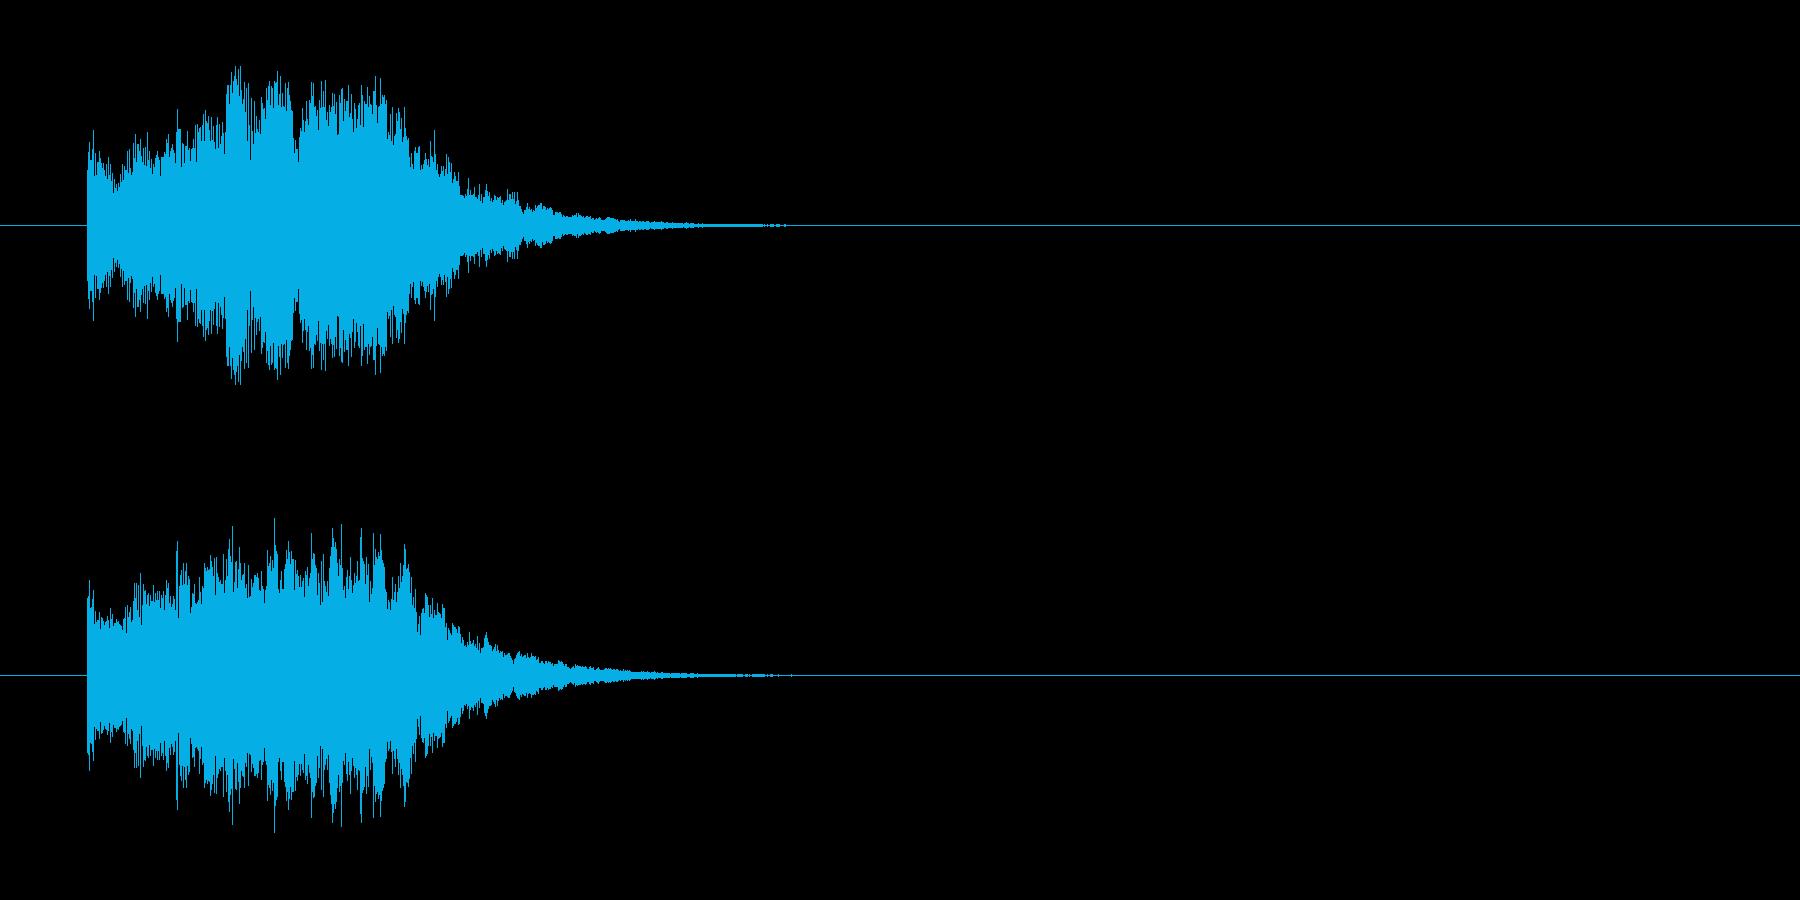 ジングル/環境(クイズ/場面転換風)の再生済みの波形